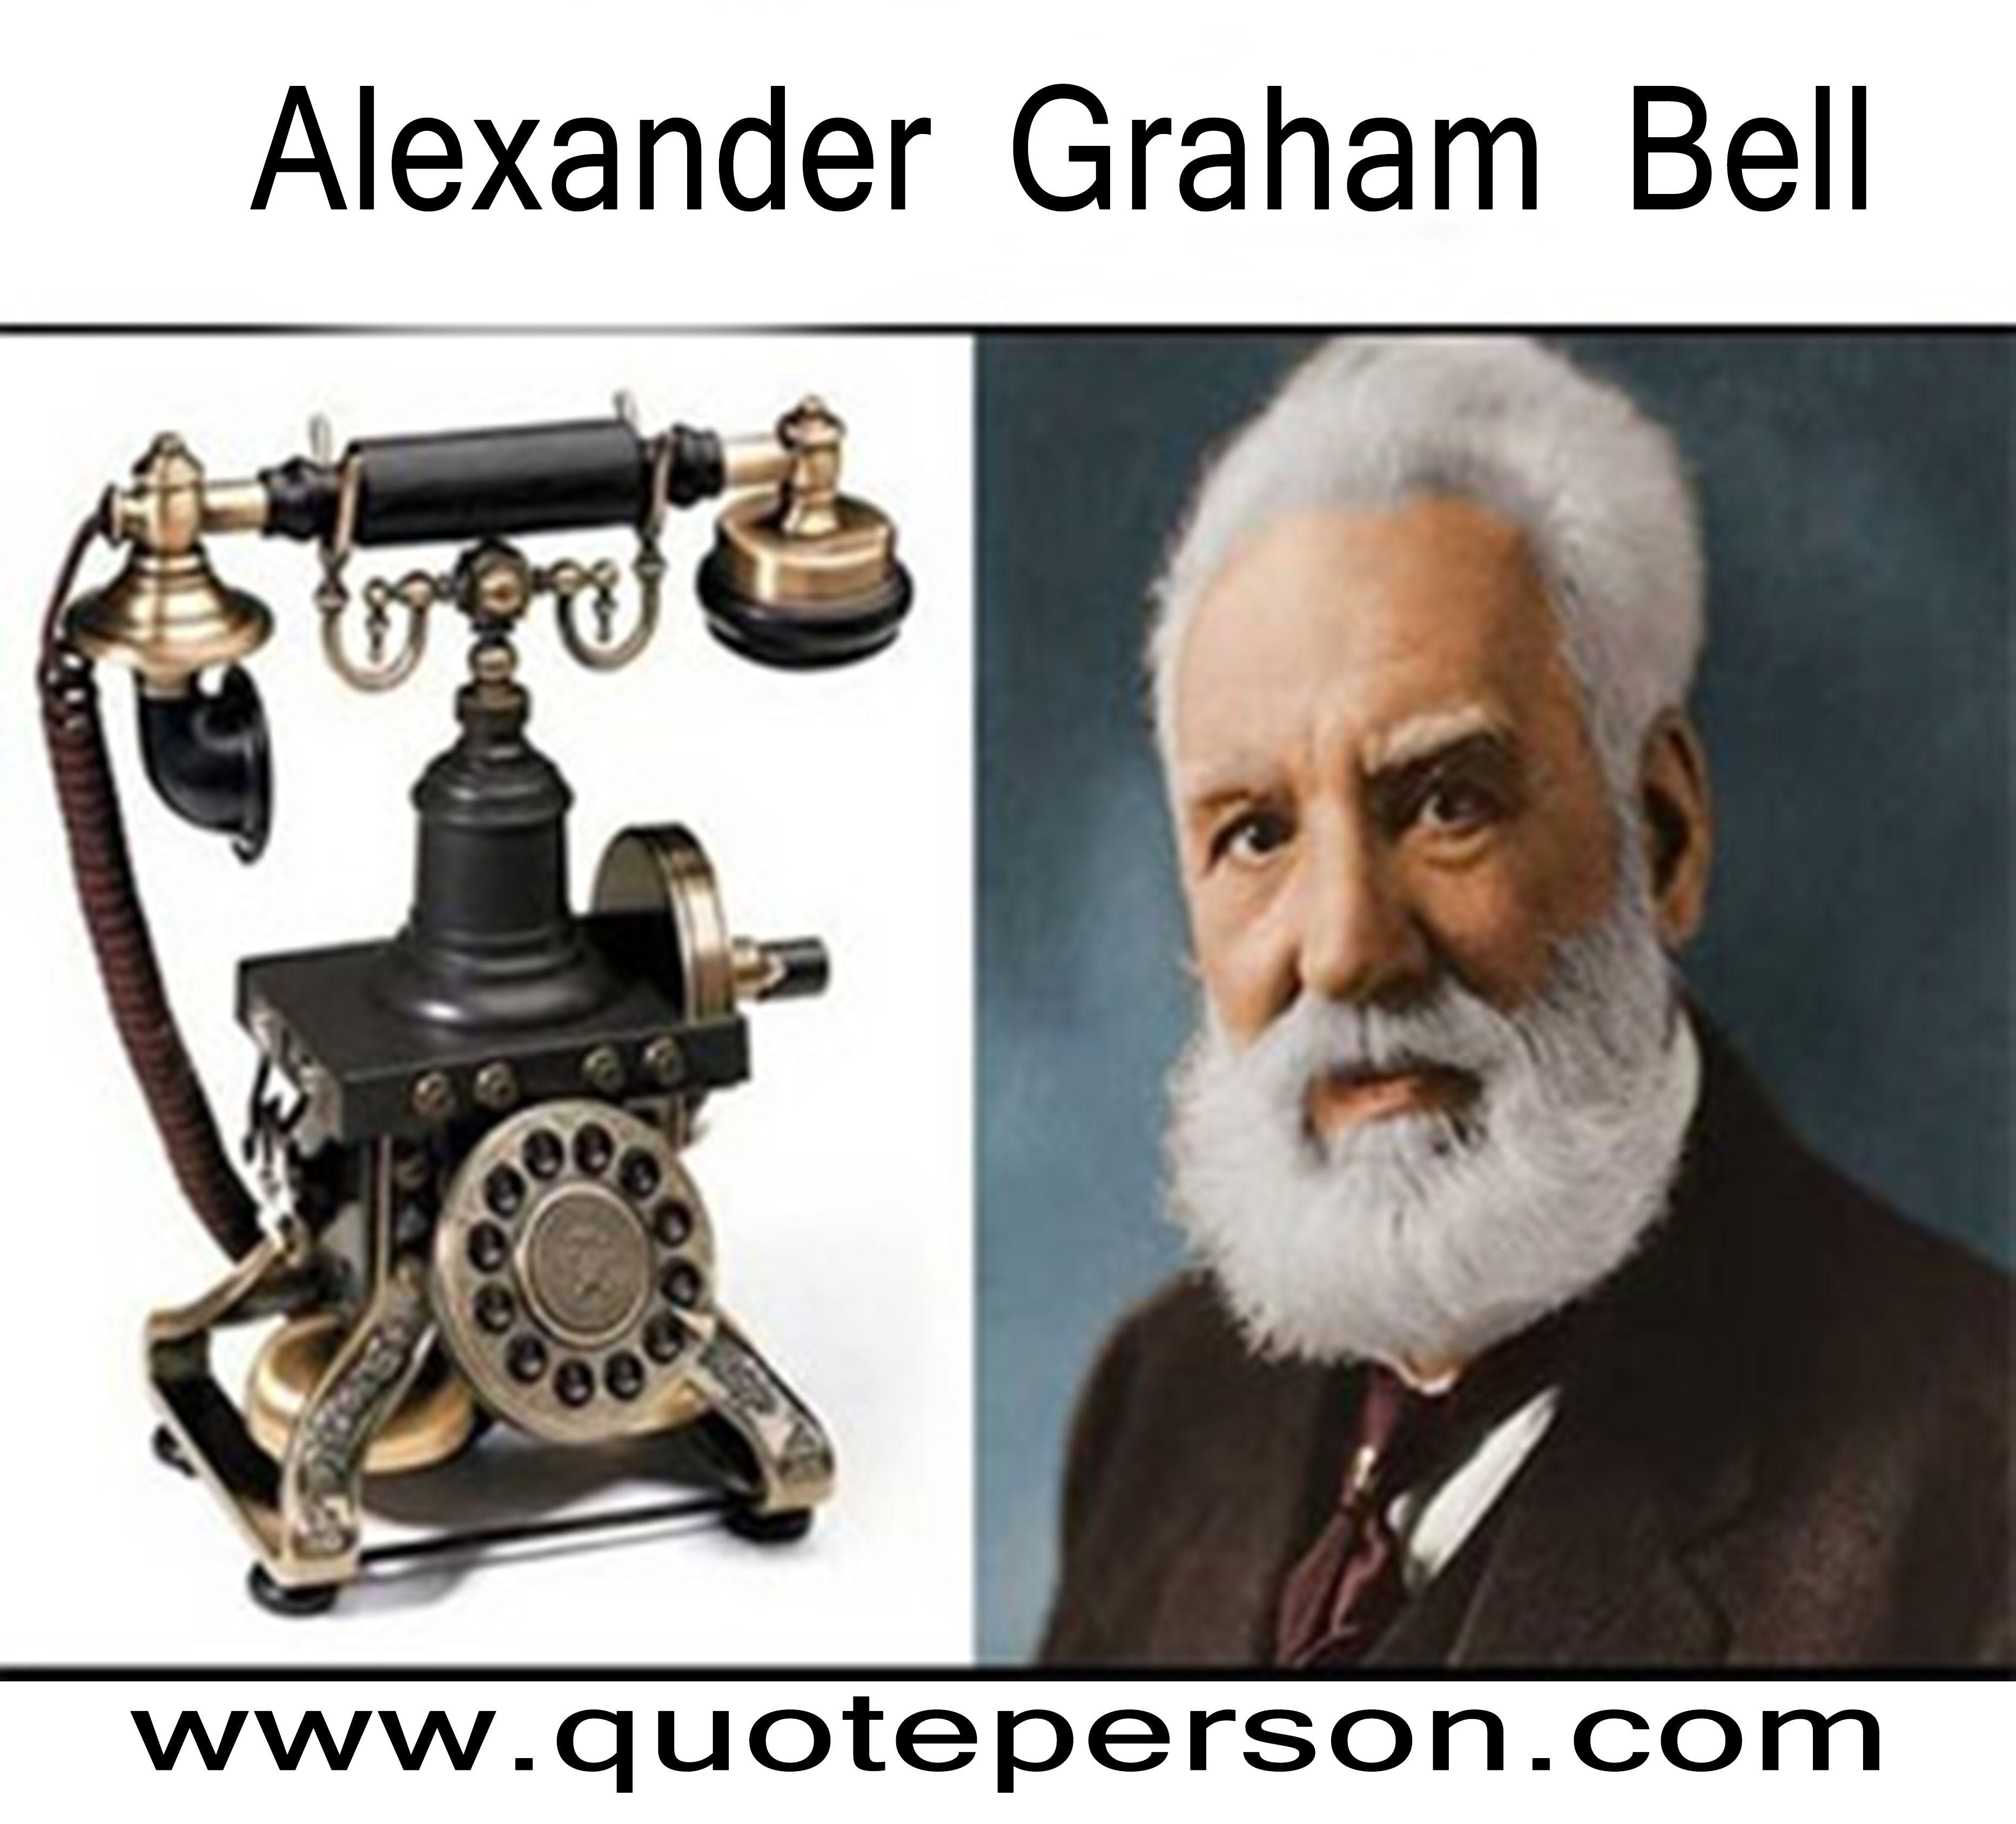 scientist alexander graham bell was a scottish born scientist